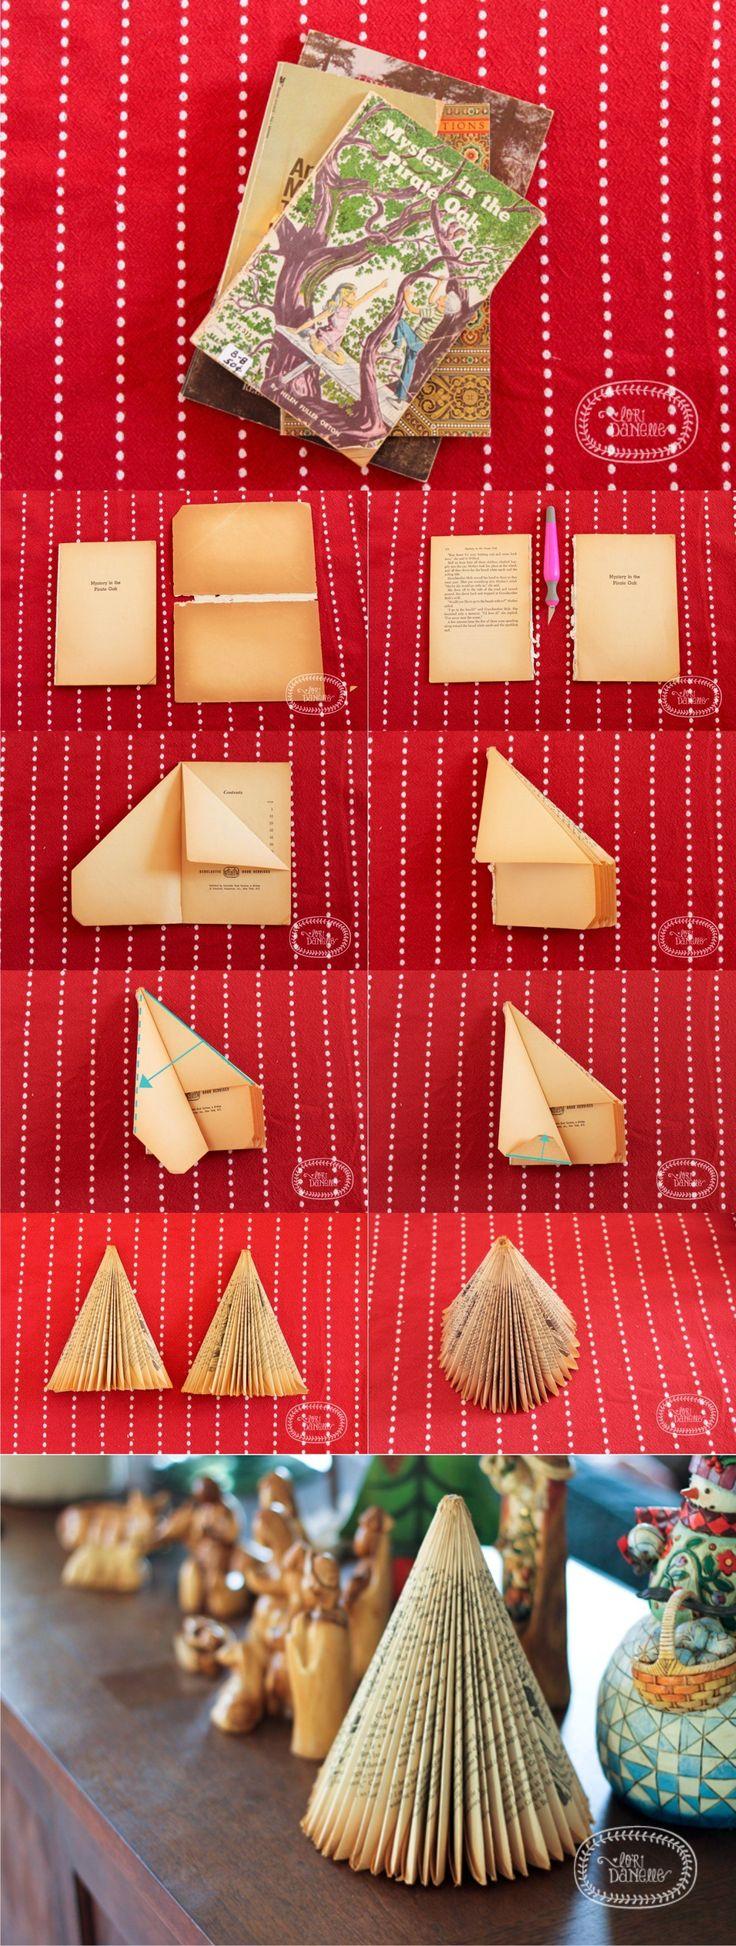 Árbol de navidad con un libro - pinterest.com/loridanelle